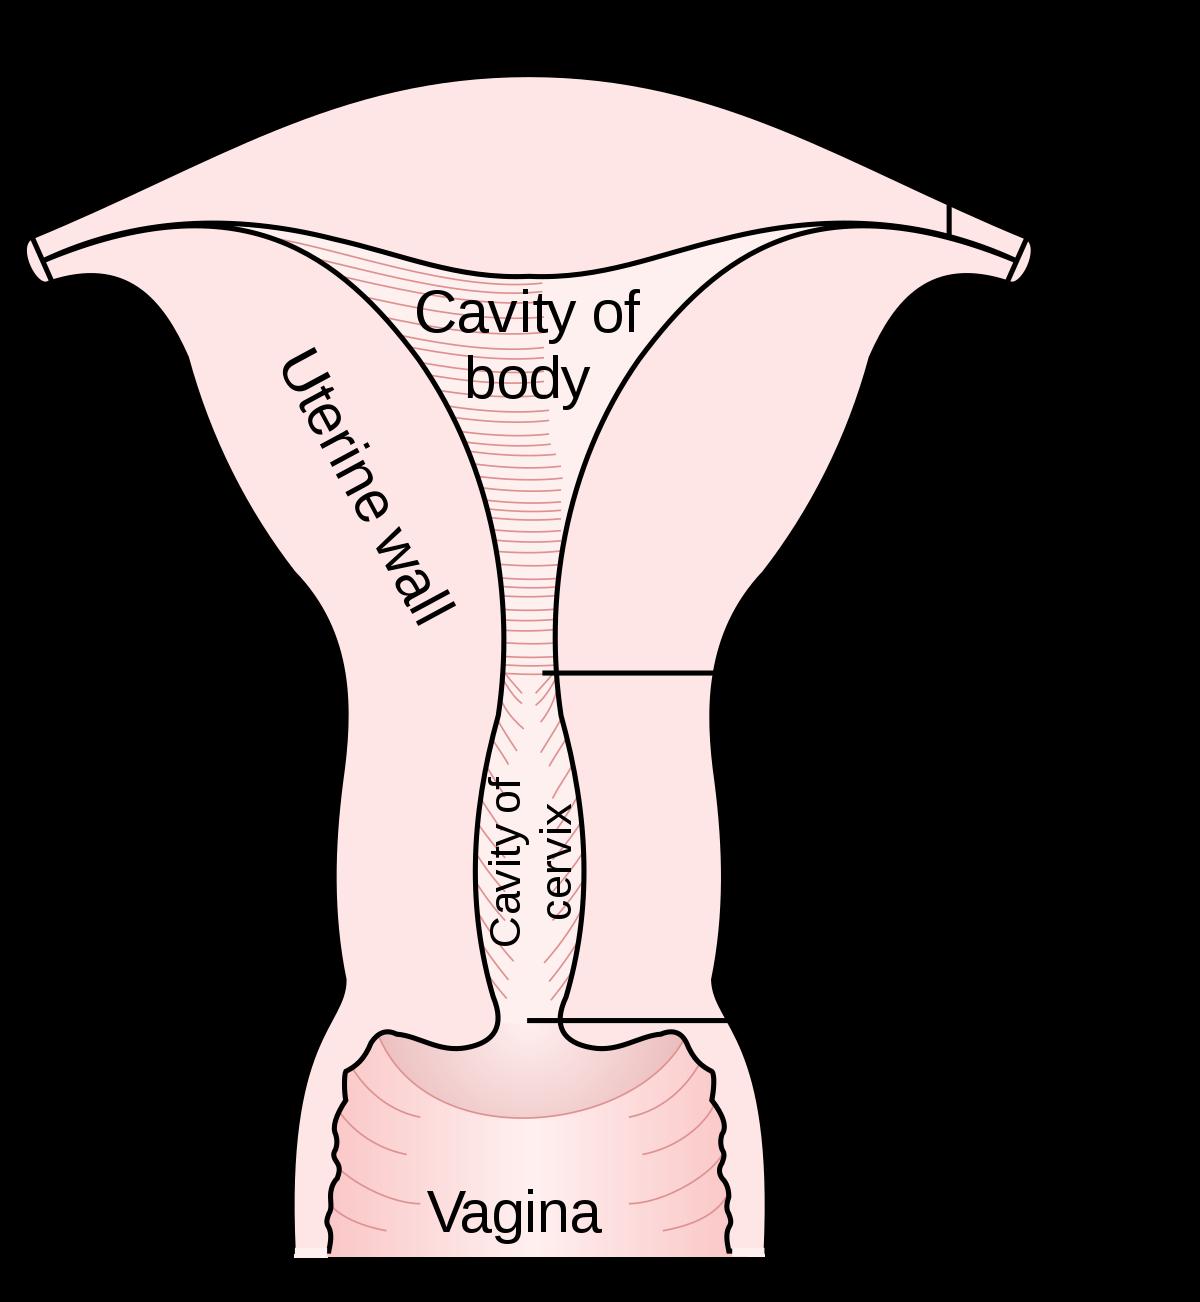 phylum aschelminthes kép giardia metronidazol hond